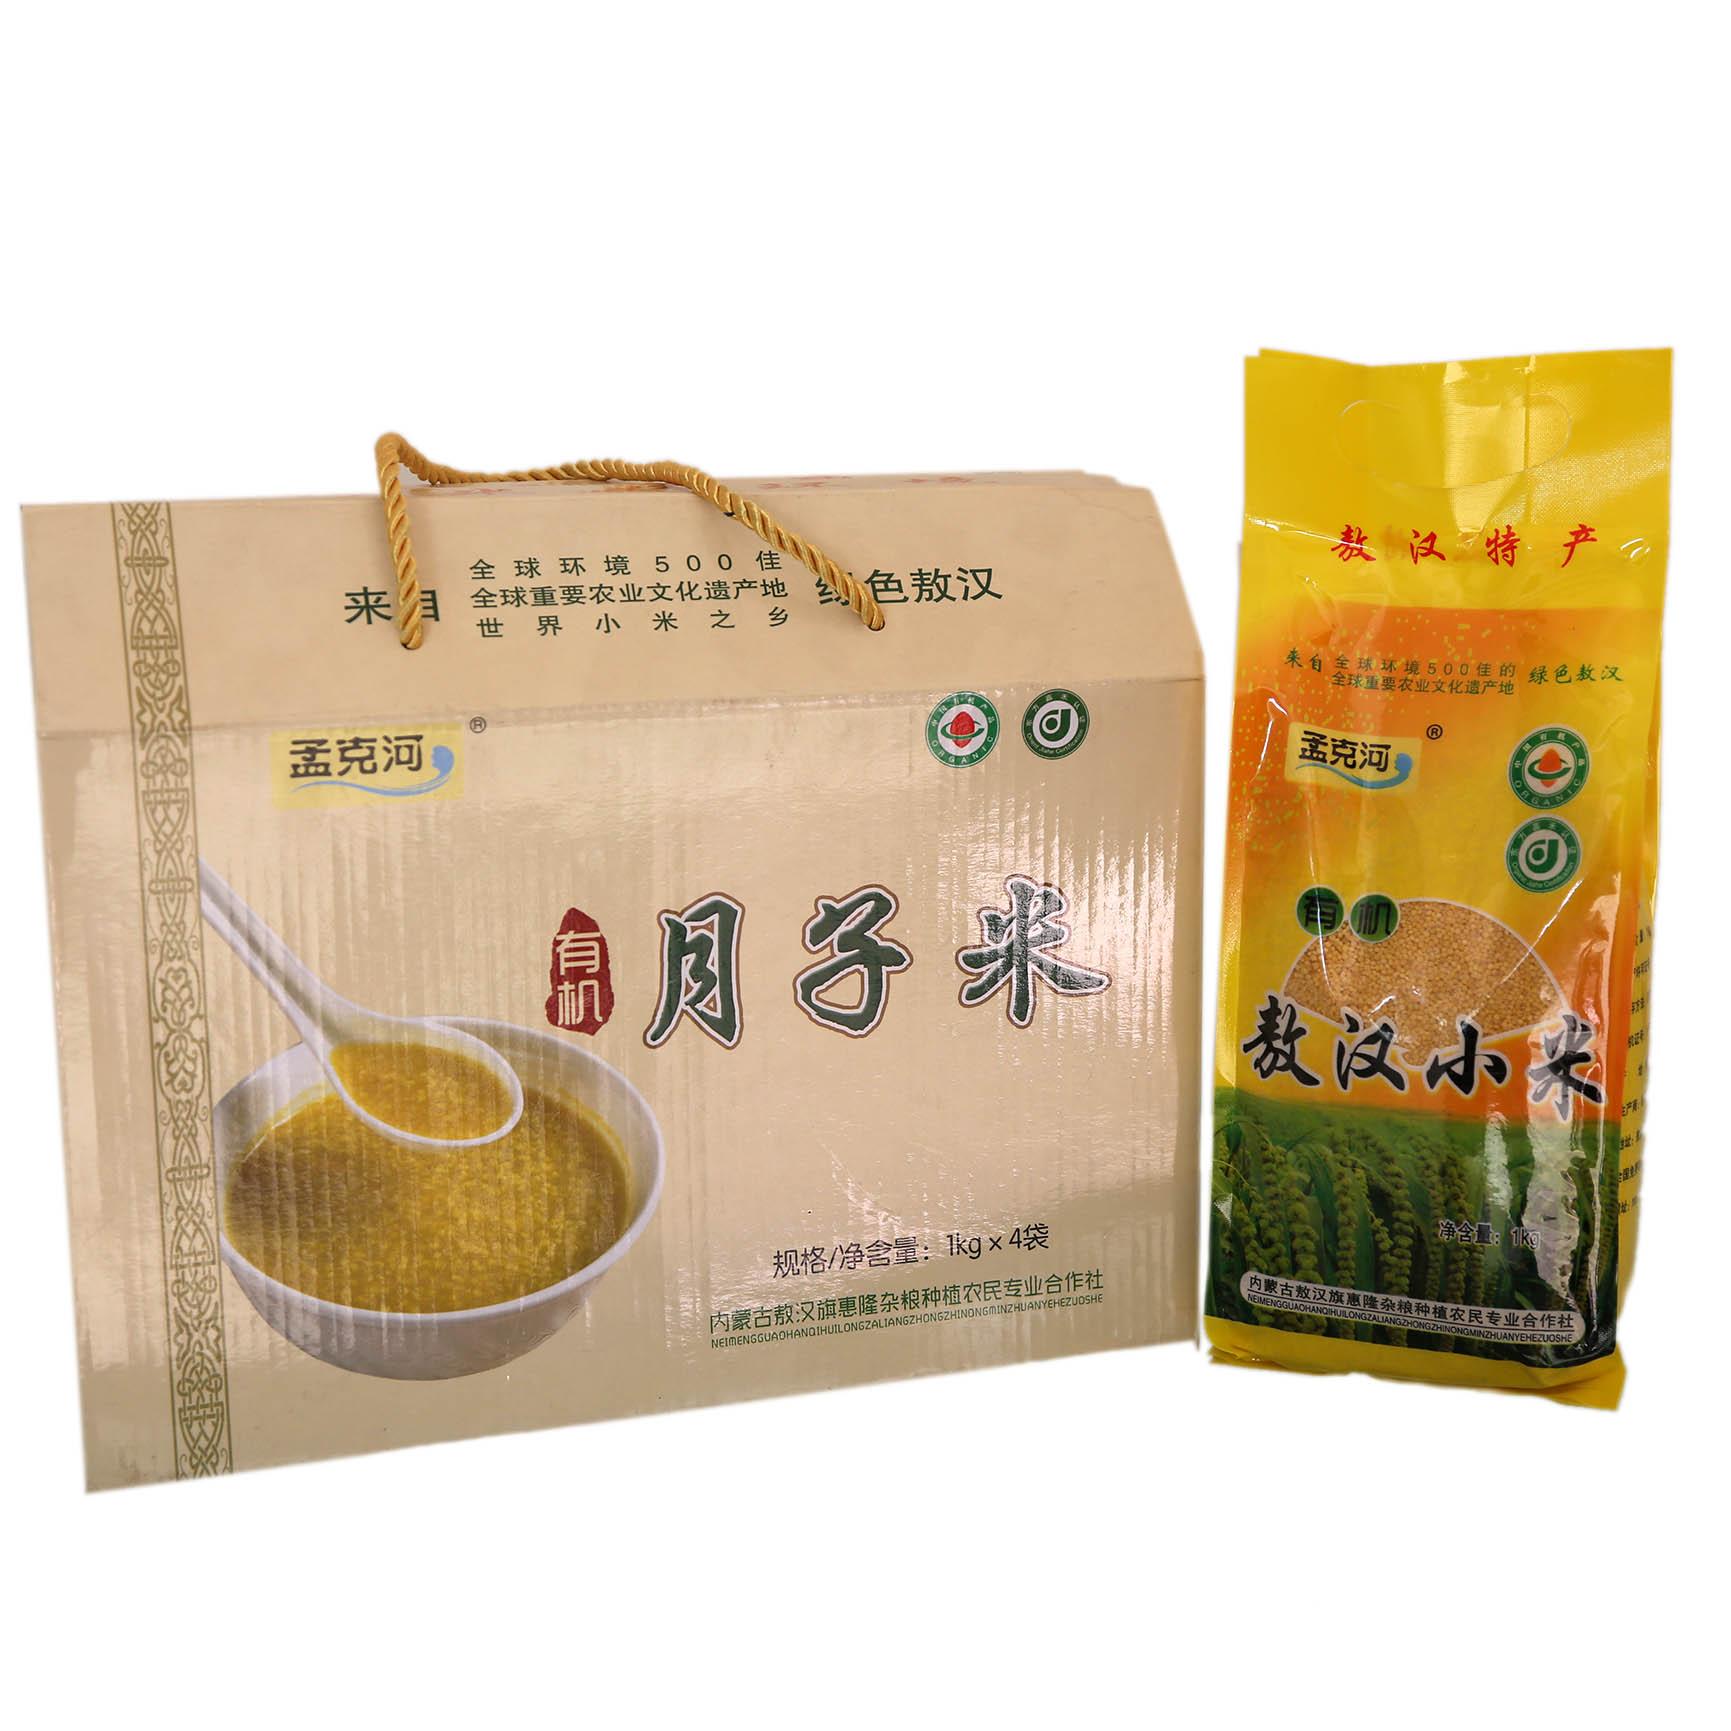 敖汉有机天然月子米 精品月子米礼盒包装